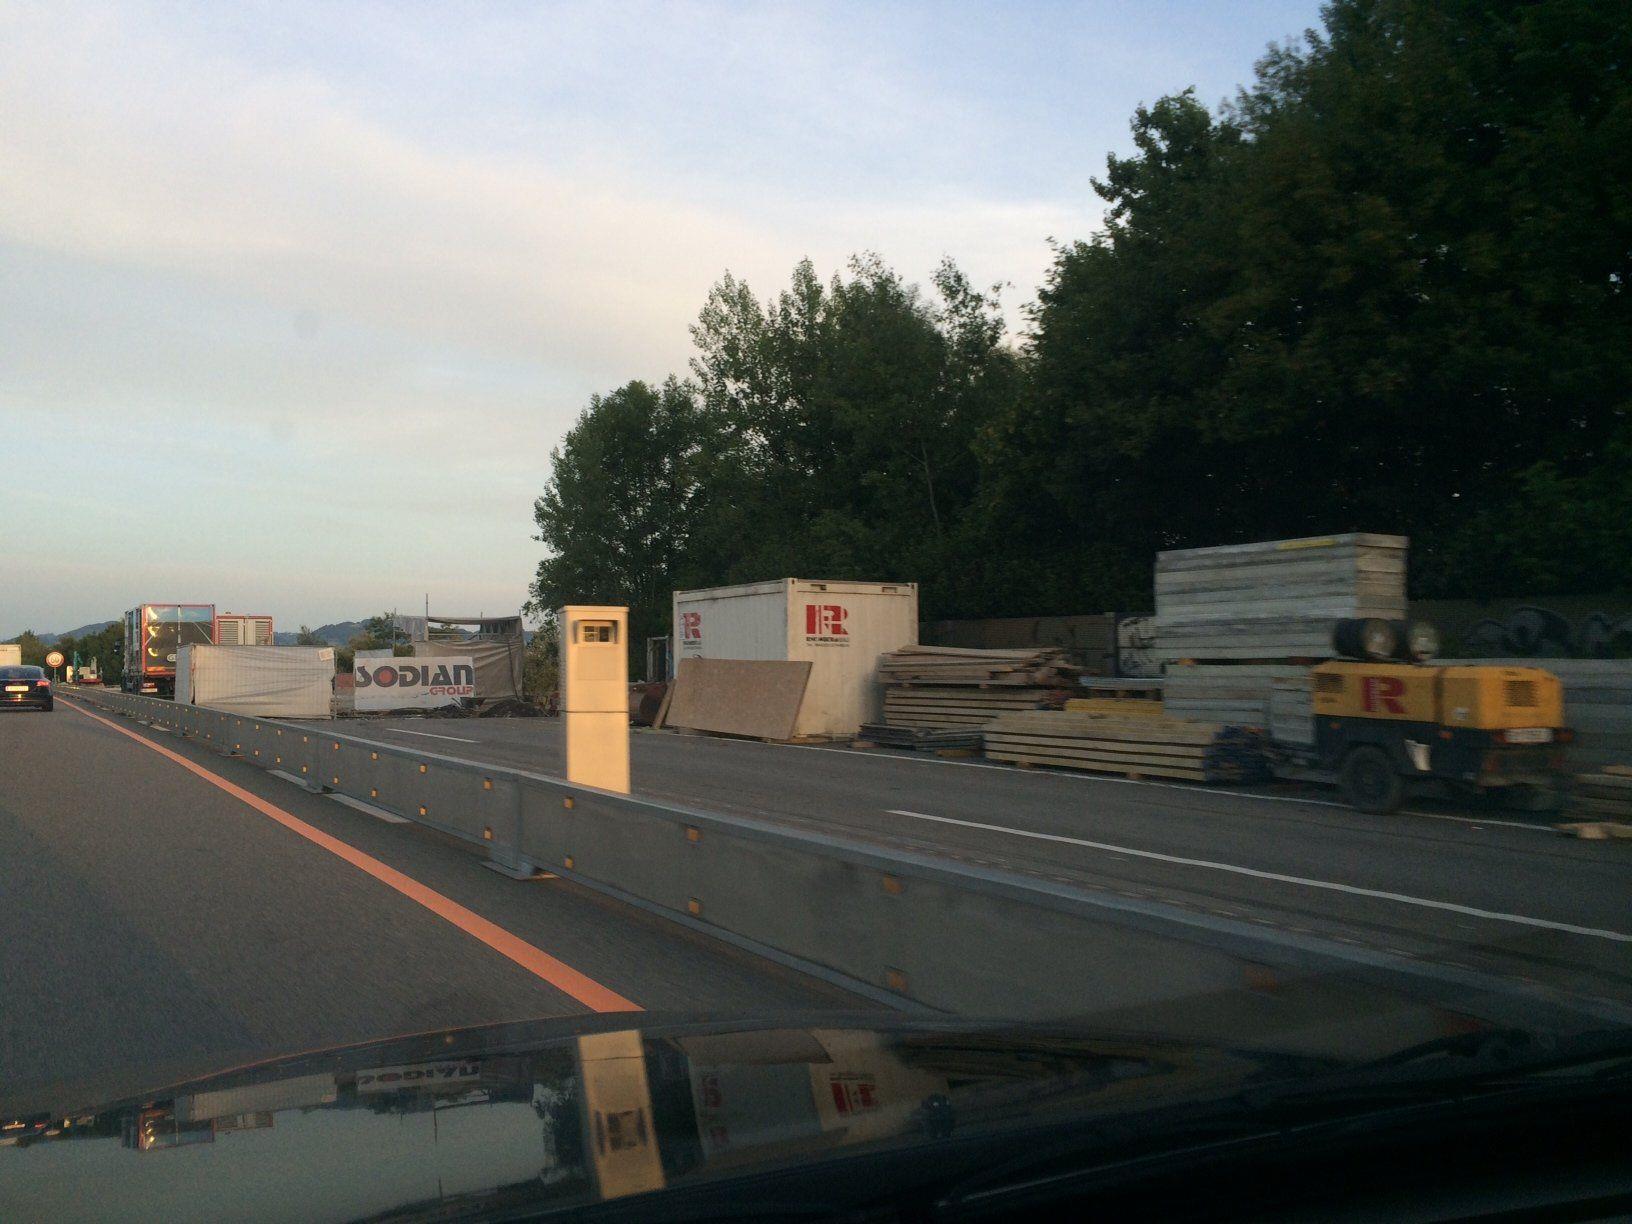 Neue Radarbox auf der A14 bei Wolfurt.